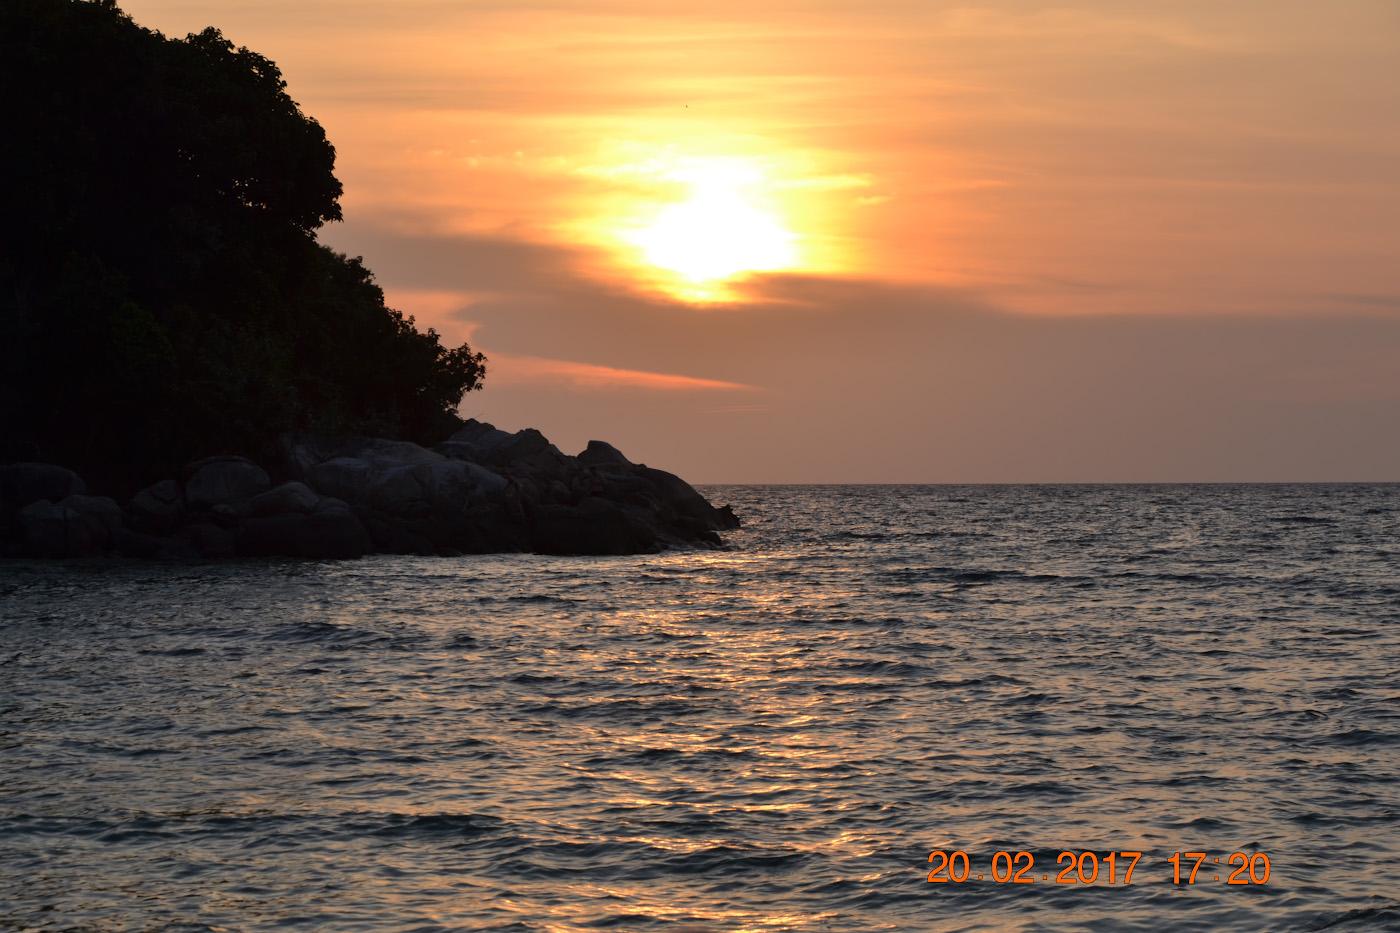 Фотография 14. Закат на пляже Сансет-бич острова Ко Липе в Таиланде. Стоит ли ехать сюда на отдых? 1/200, 10.0, 100, 85.